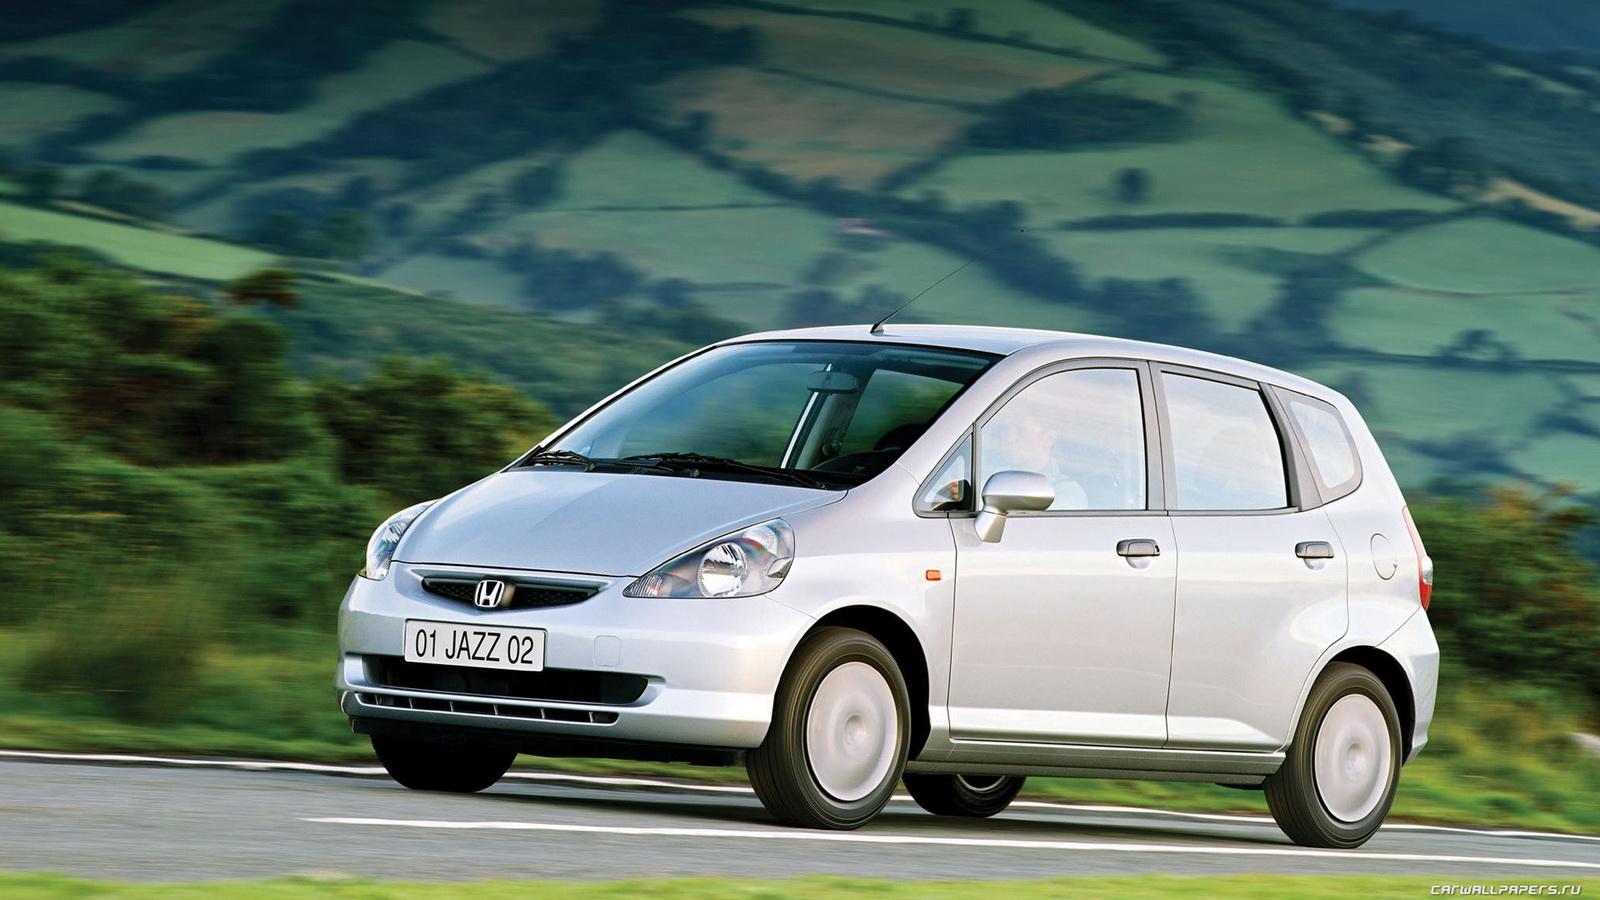 Автомобили, автомобилисты и все, что с ними связано - Страница 3 Honda-jazz-2001--002